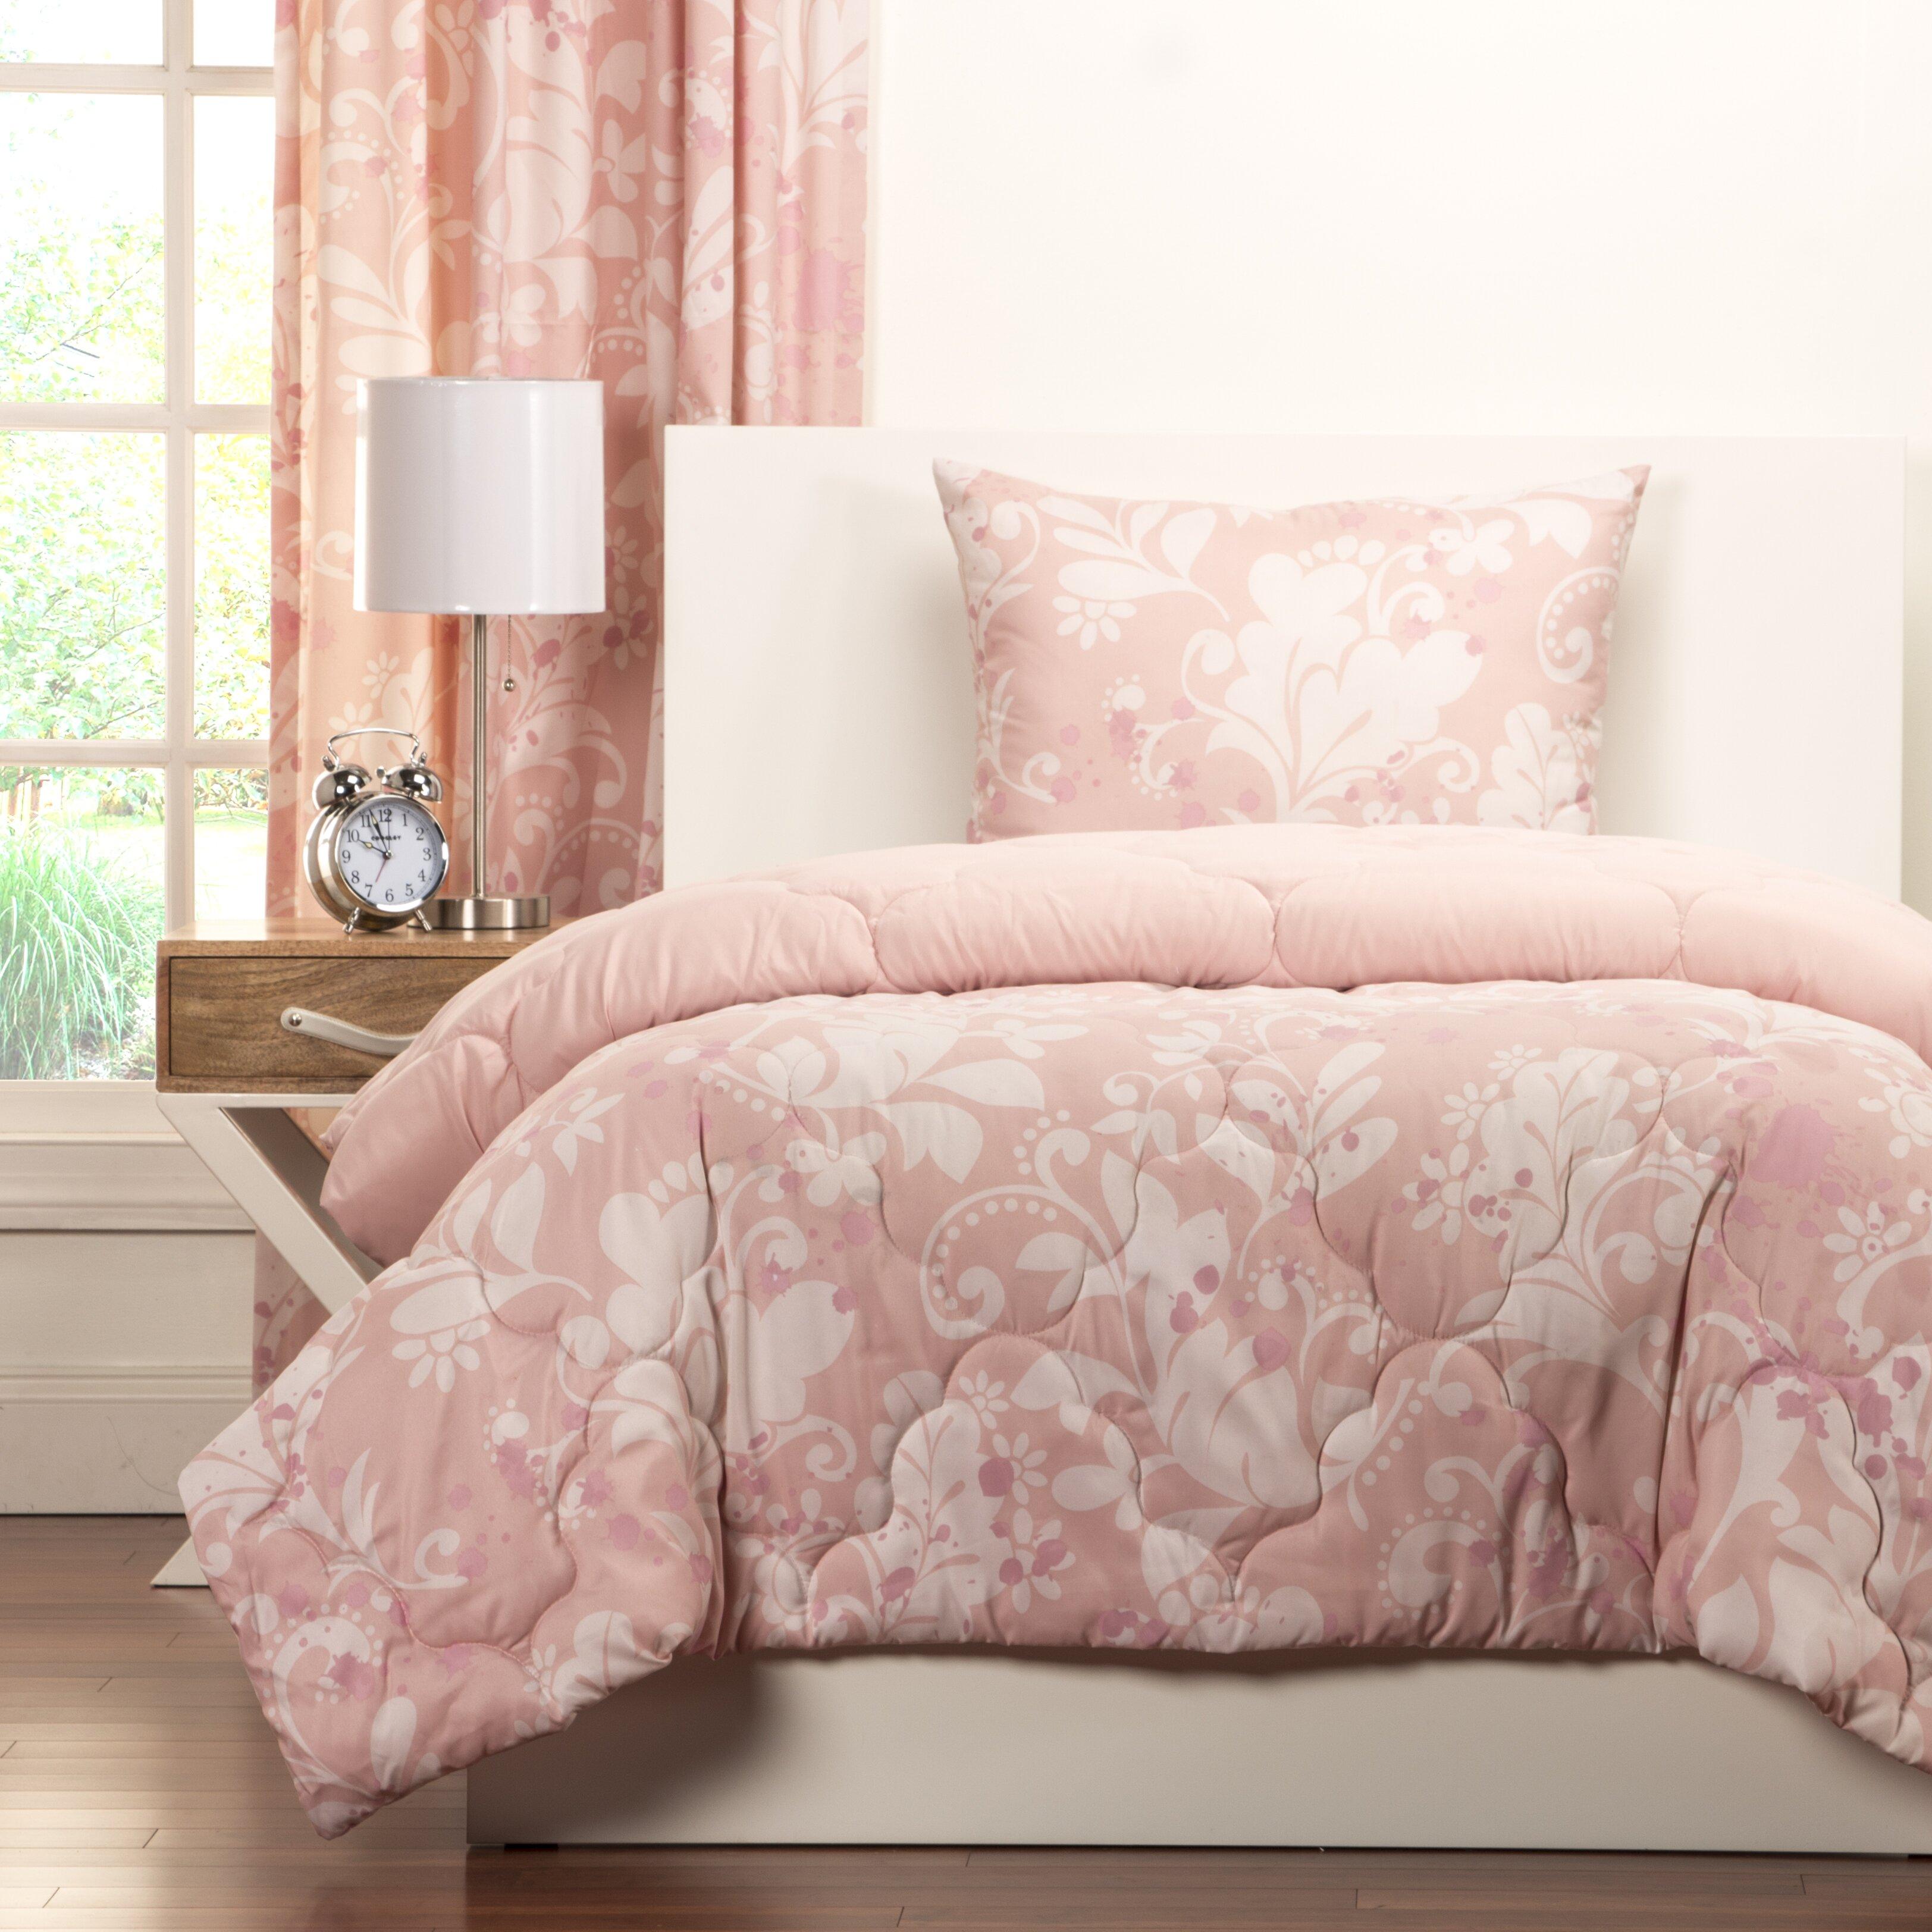 Crayola Crayola Eloise Comforter Set Amp Reviews Wayfair Ca